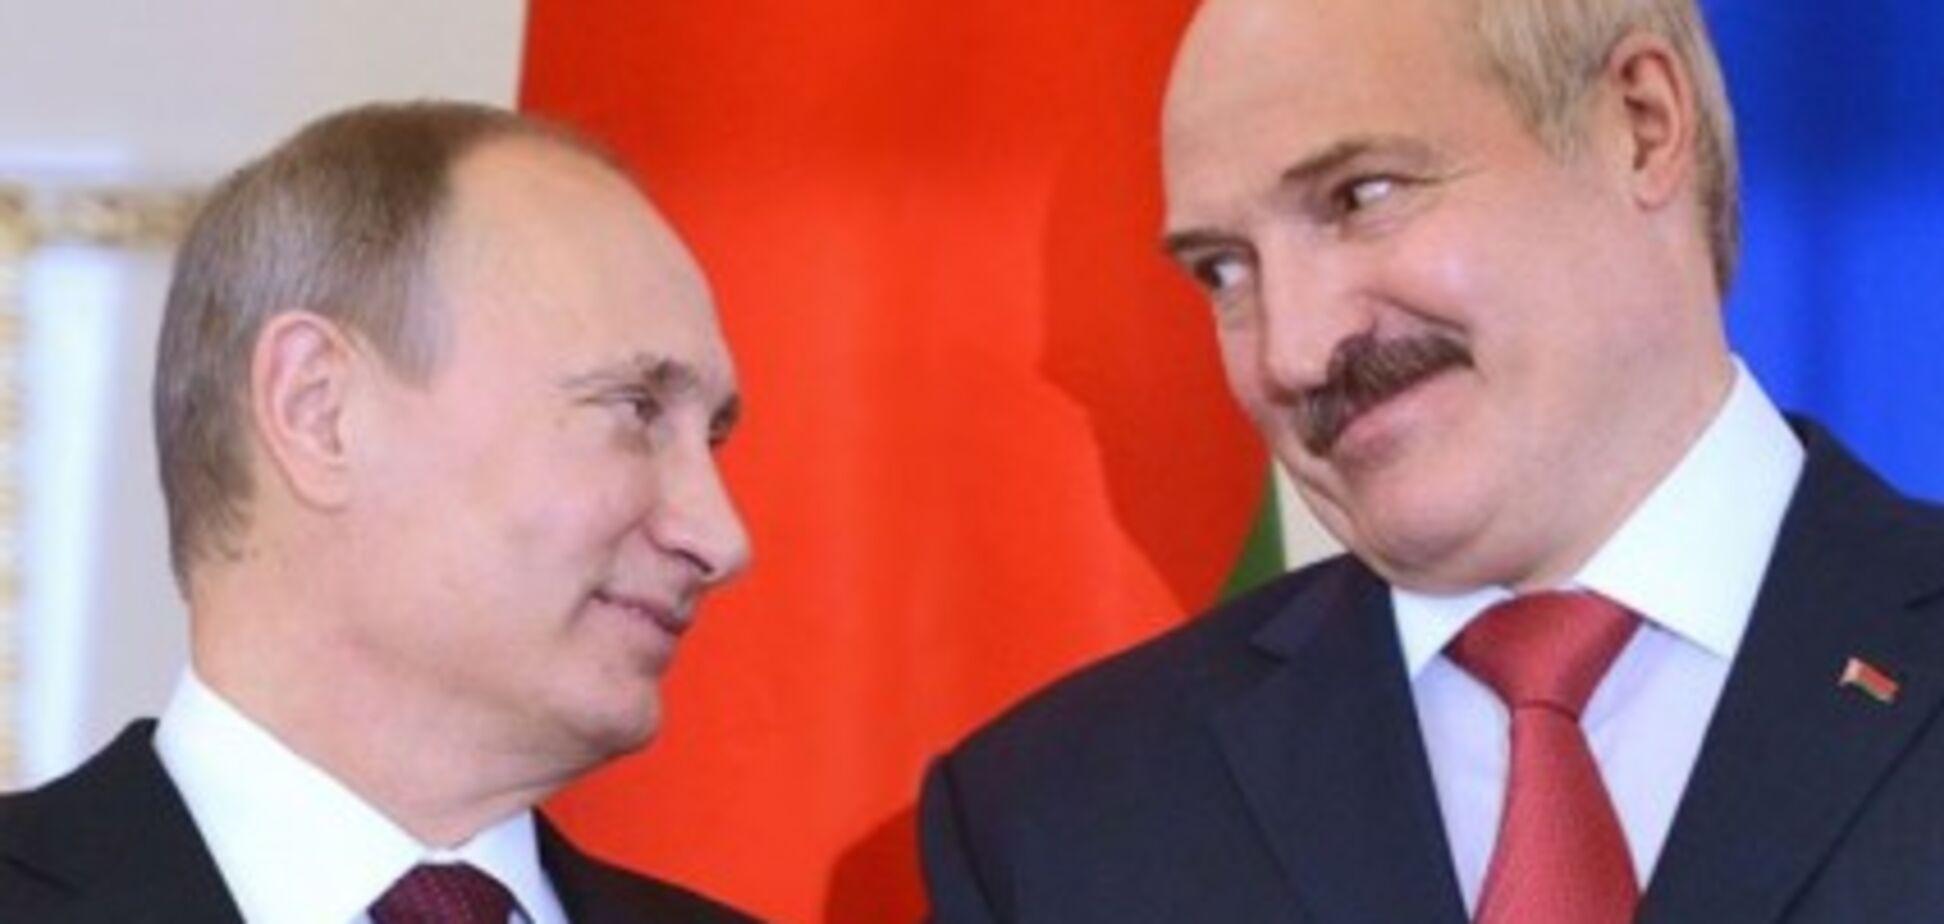 Якщо снаряд - двох одразу не стане: Лукашенко пояснив, чому скасував візит до Путіна